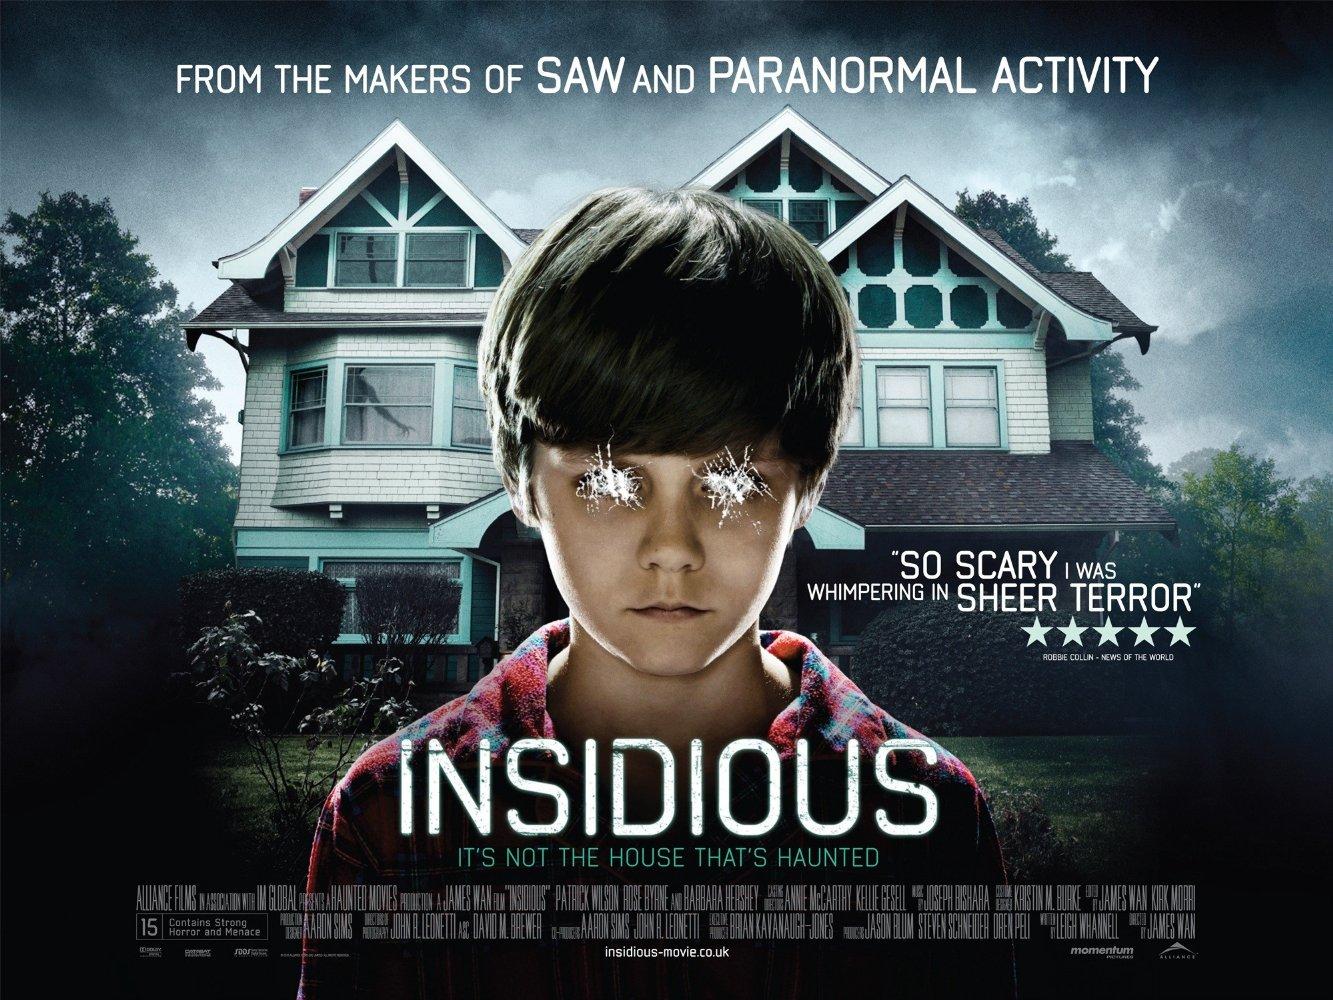 insidious film review